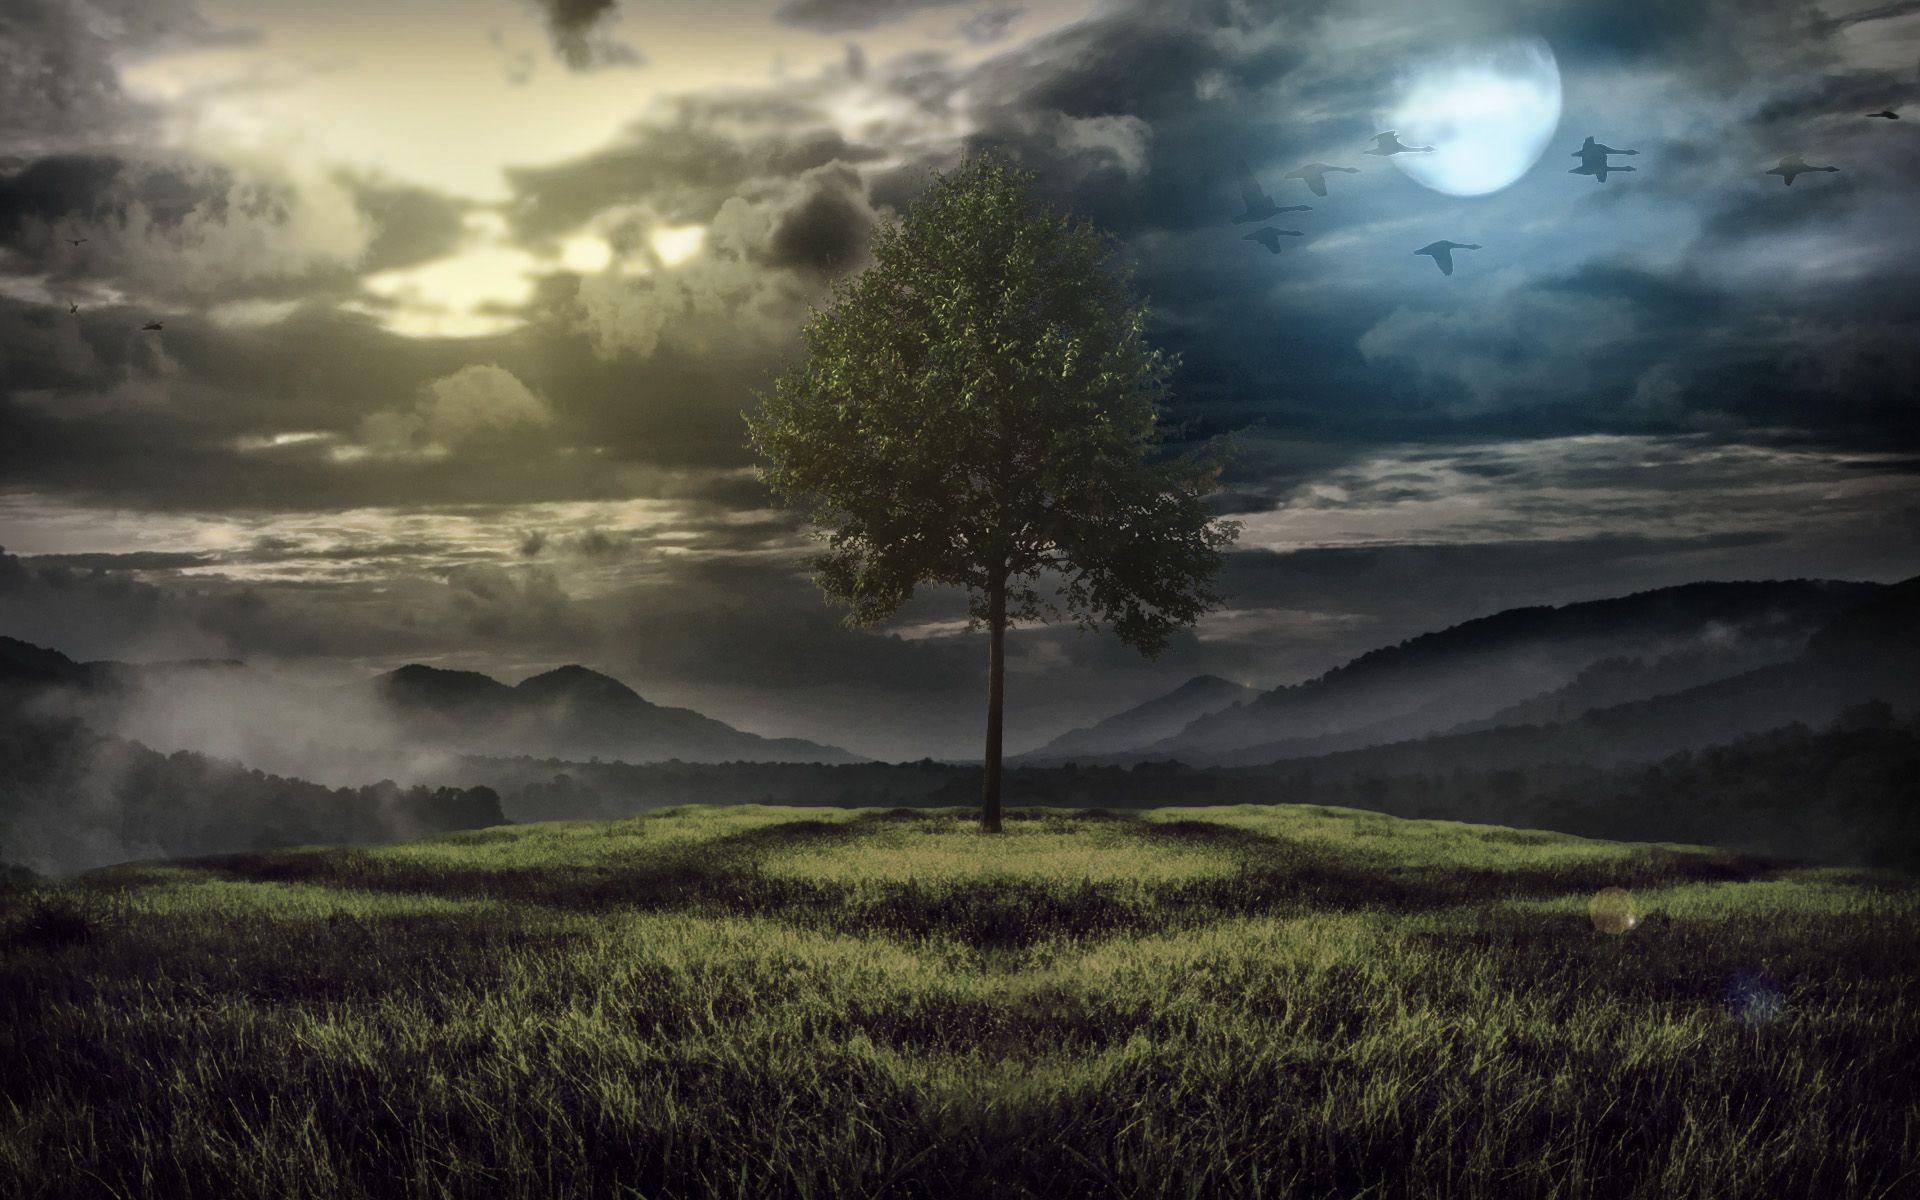 fantasy landscape wallpaper pictures - photo #19